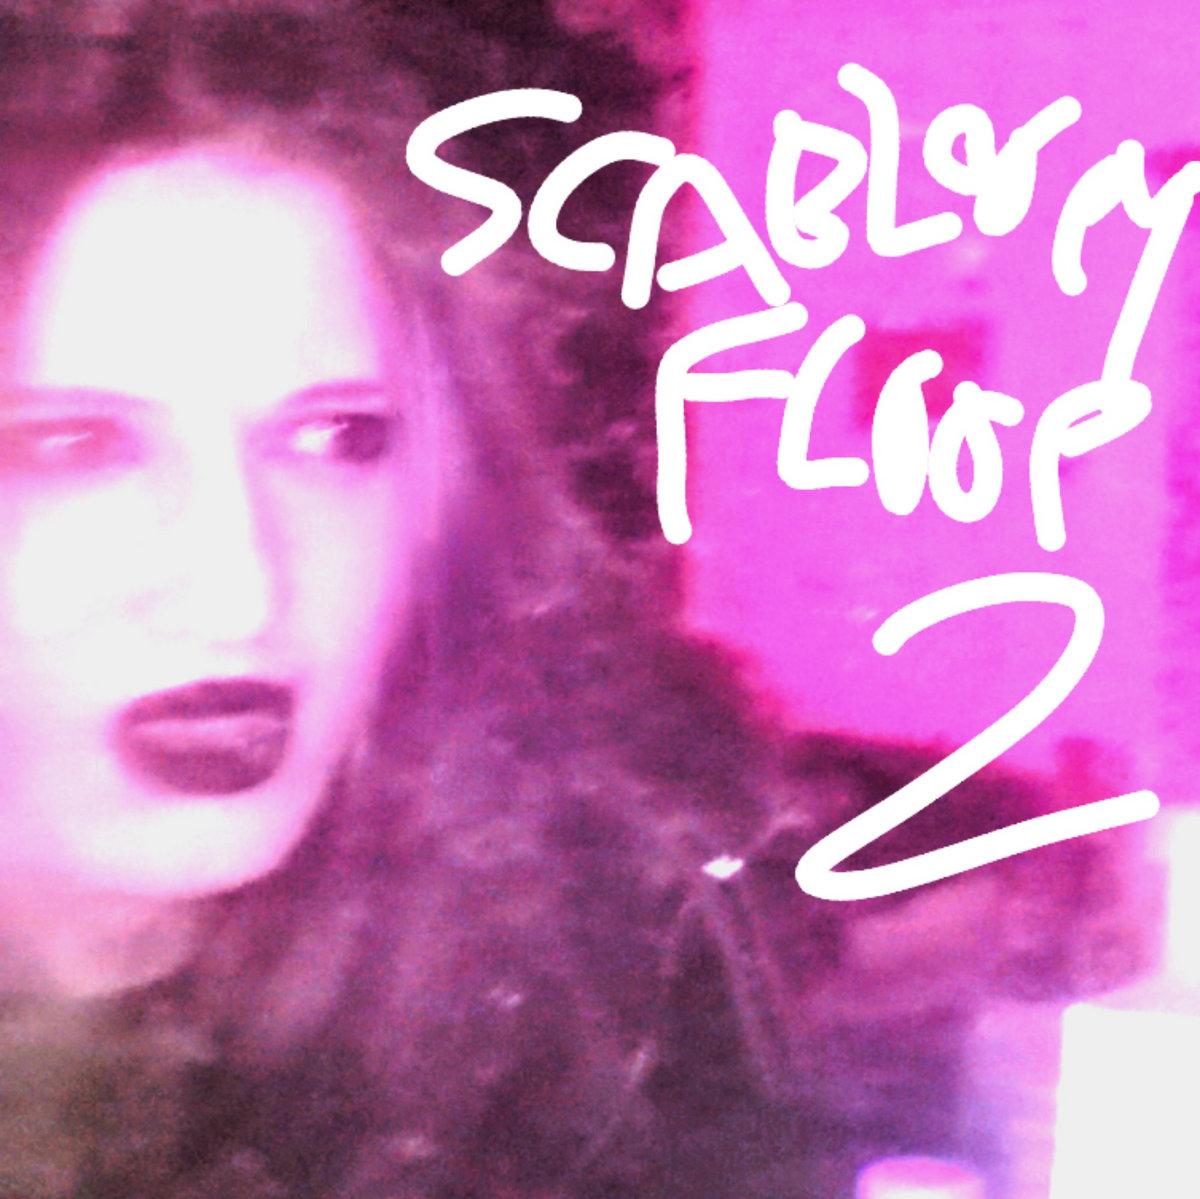 Scabloopy Floop 2